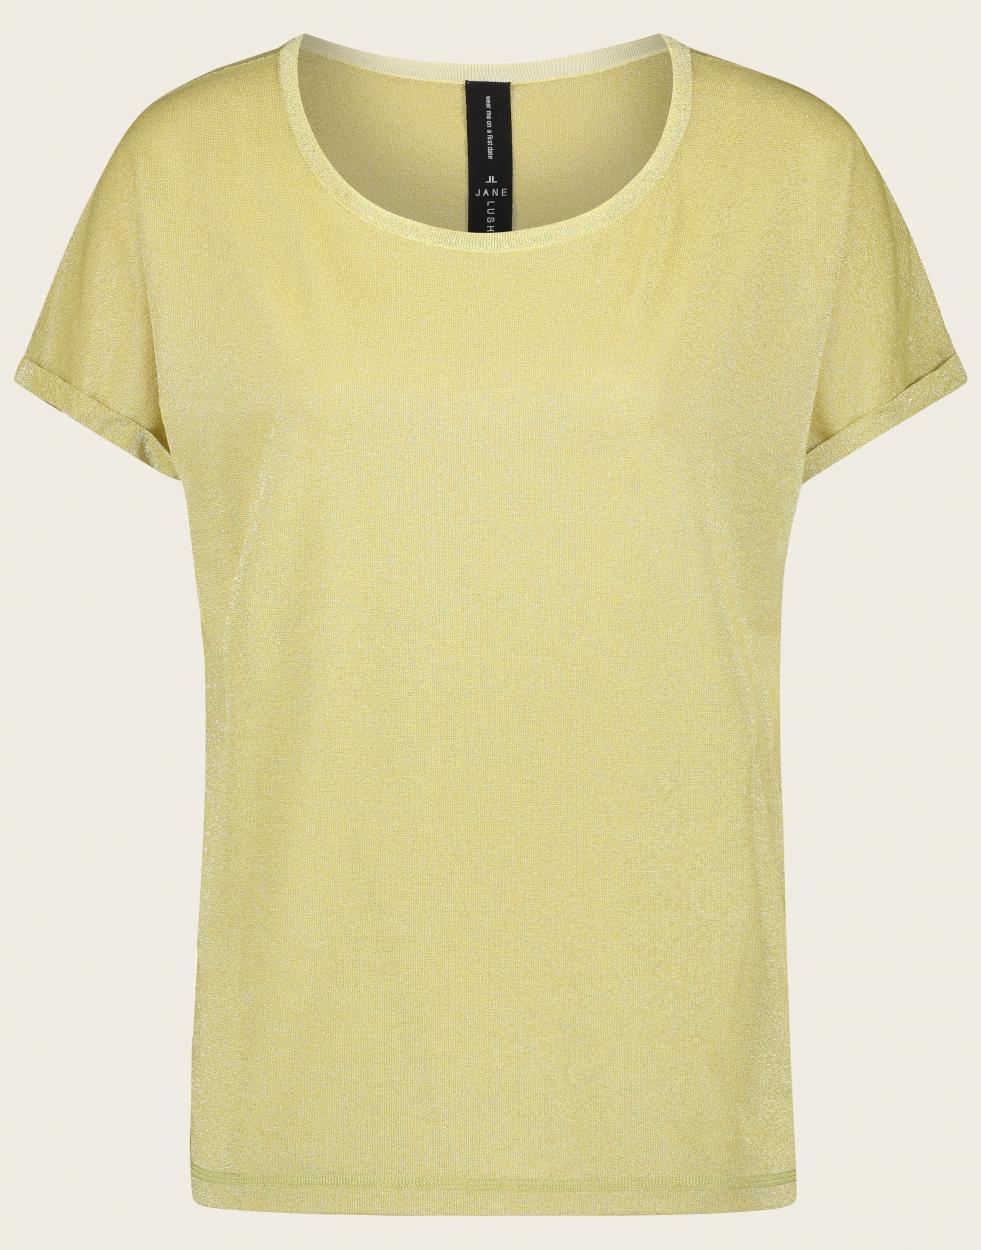 Jane Lushka kurzarm Shirt gold